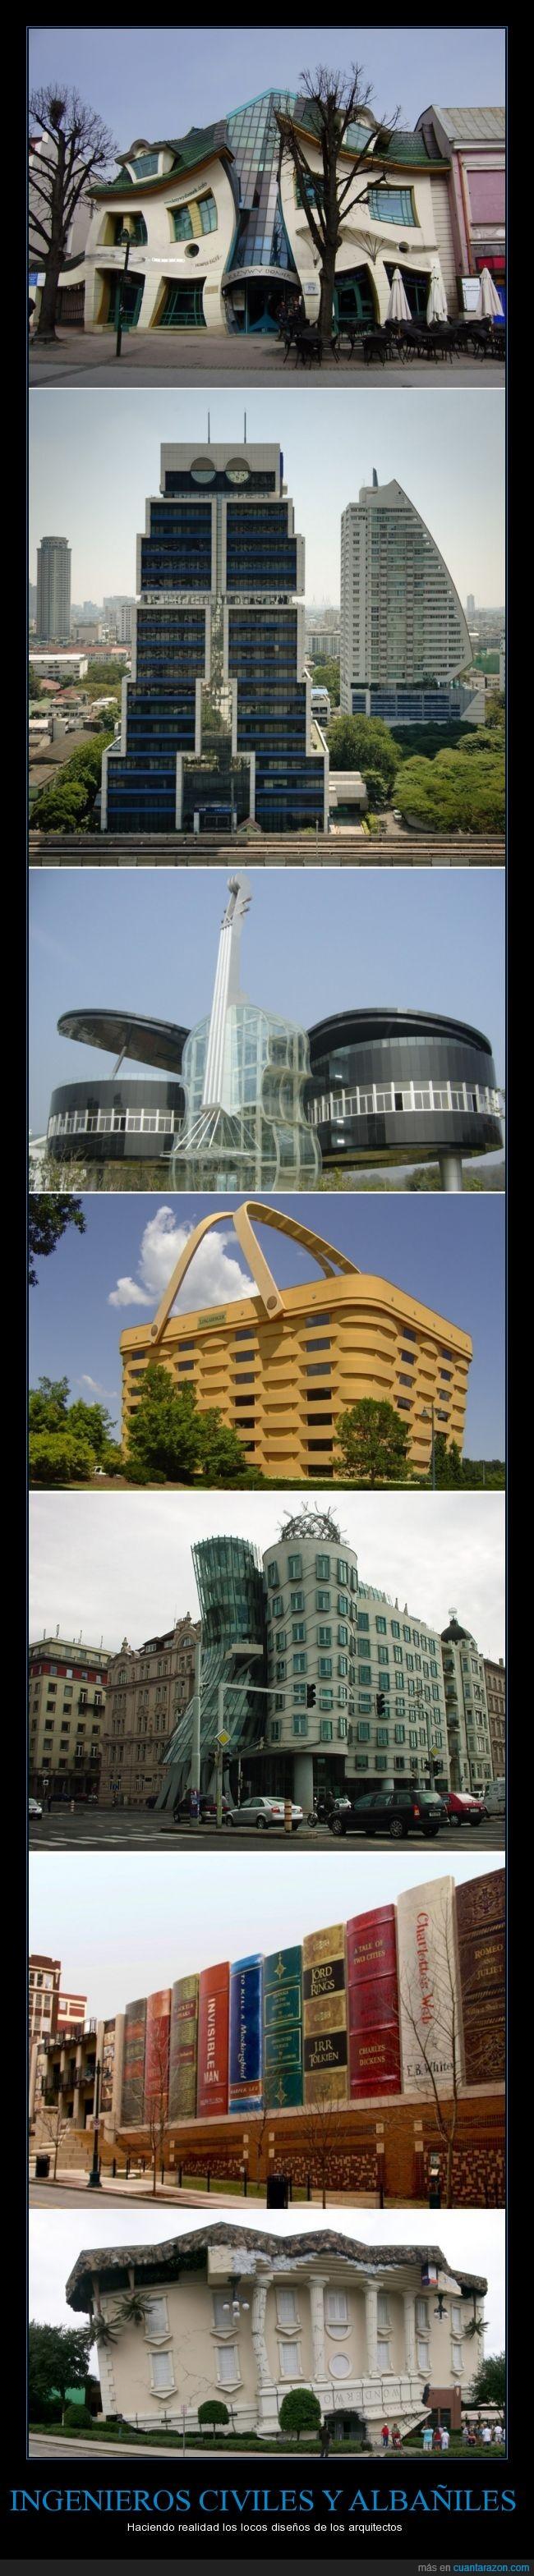 albañil,arquitecto,arquitectura,cesta,civil,construcción,constructor,construir,ingeniero,locura